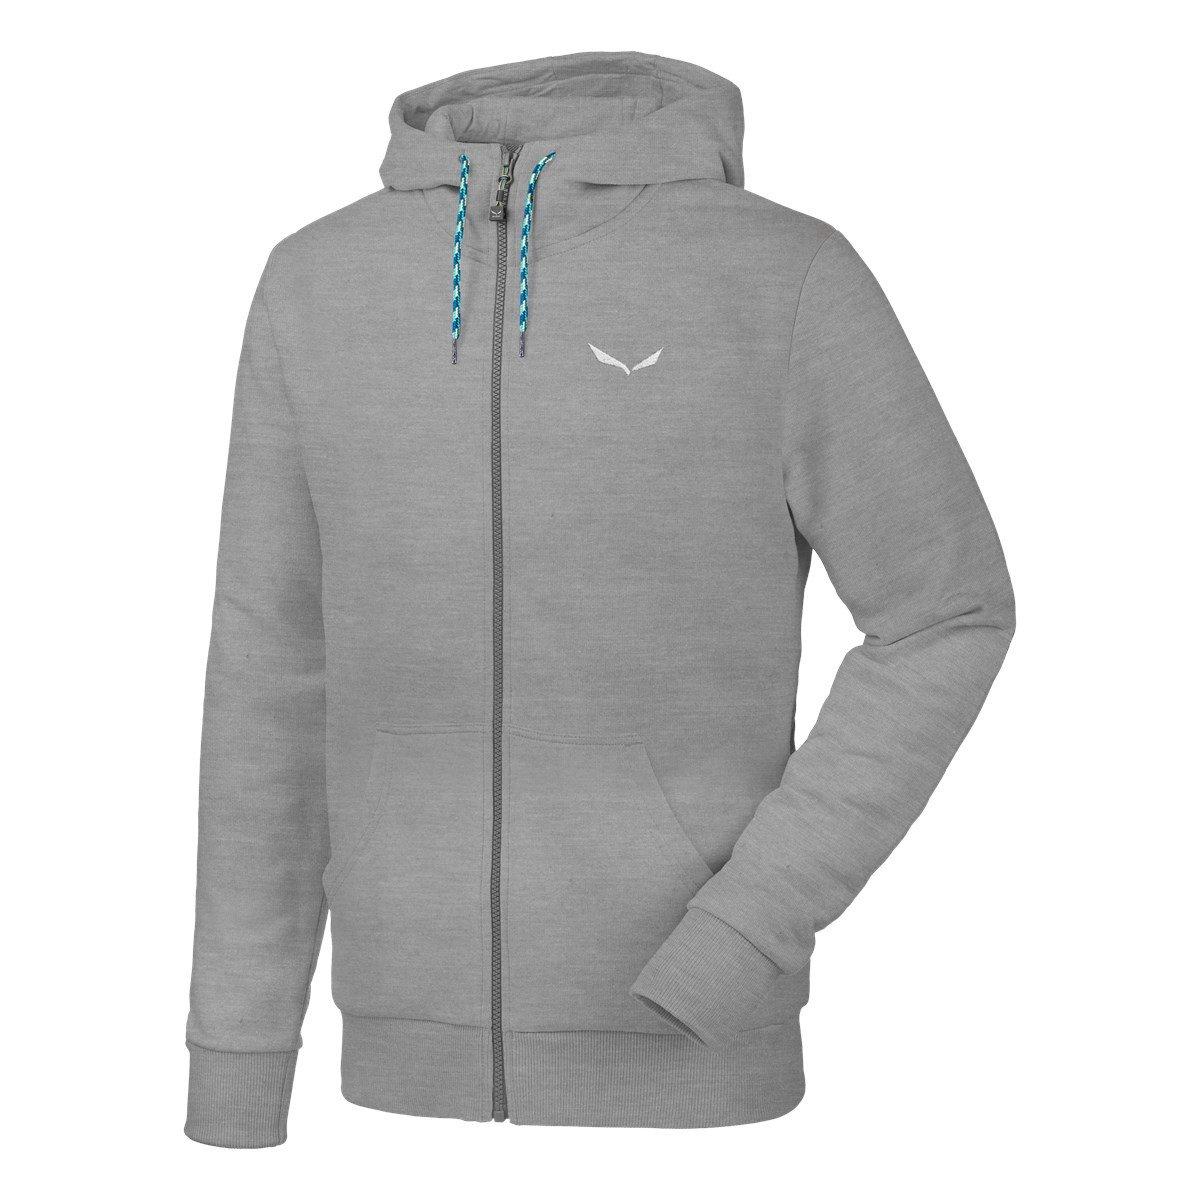 Salewa Solidlogo 2 Co M Fz HDY - Sweatshirt für Herren, Farbe Blau, Größe 46/S